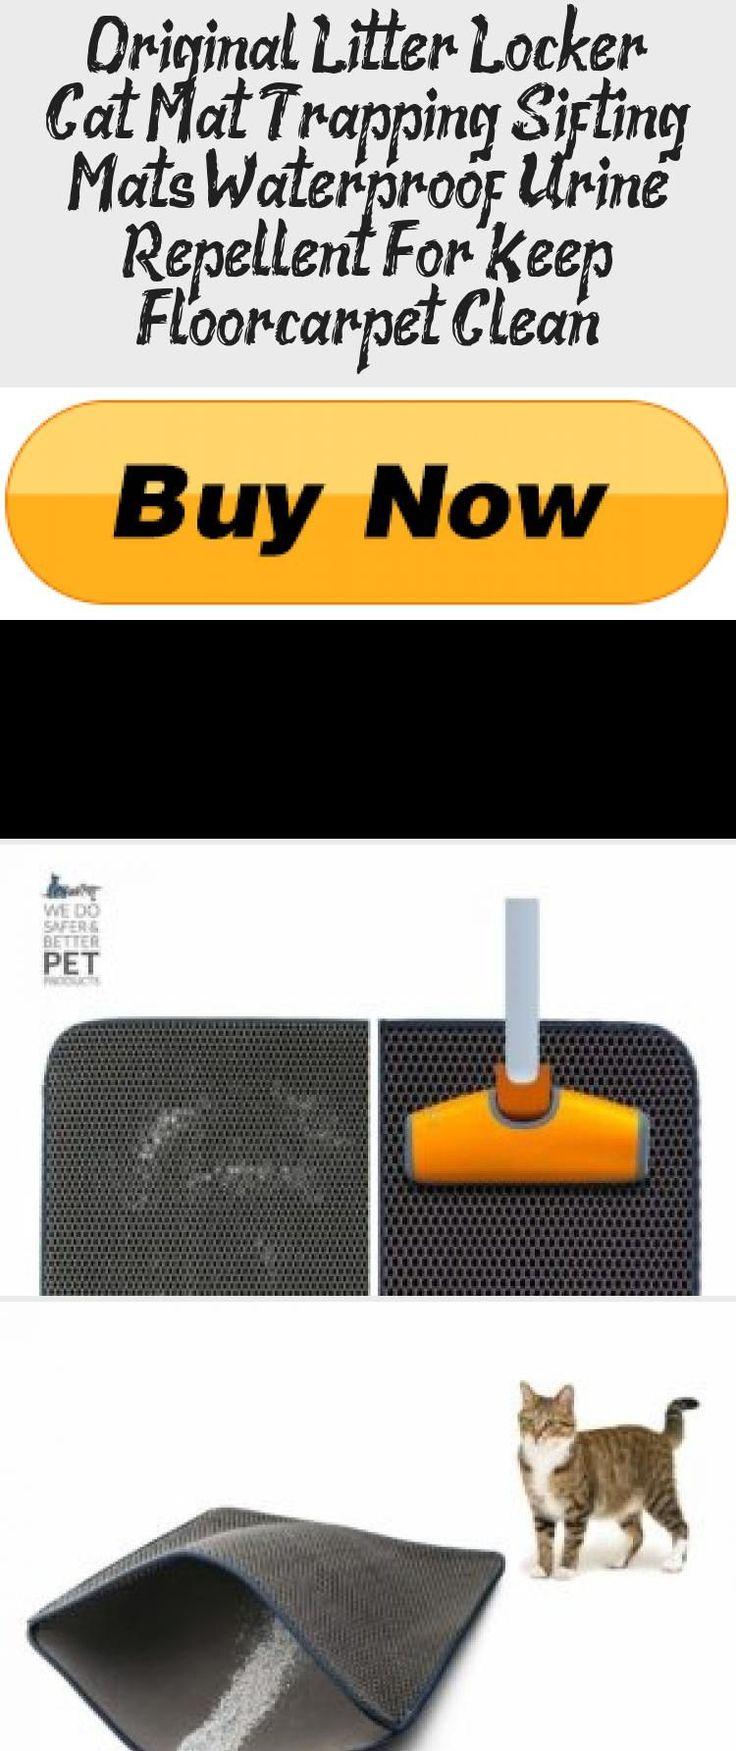 Original Litter Locker Cat Mat Trapping Sifting Mats